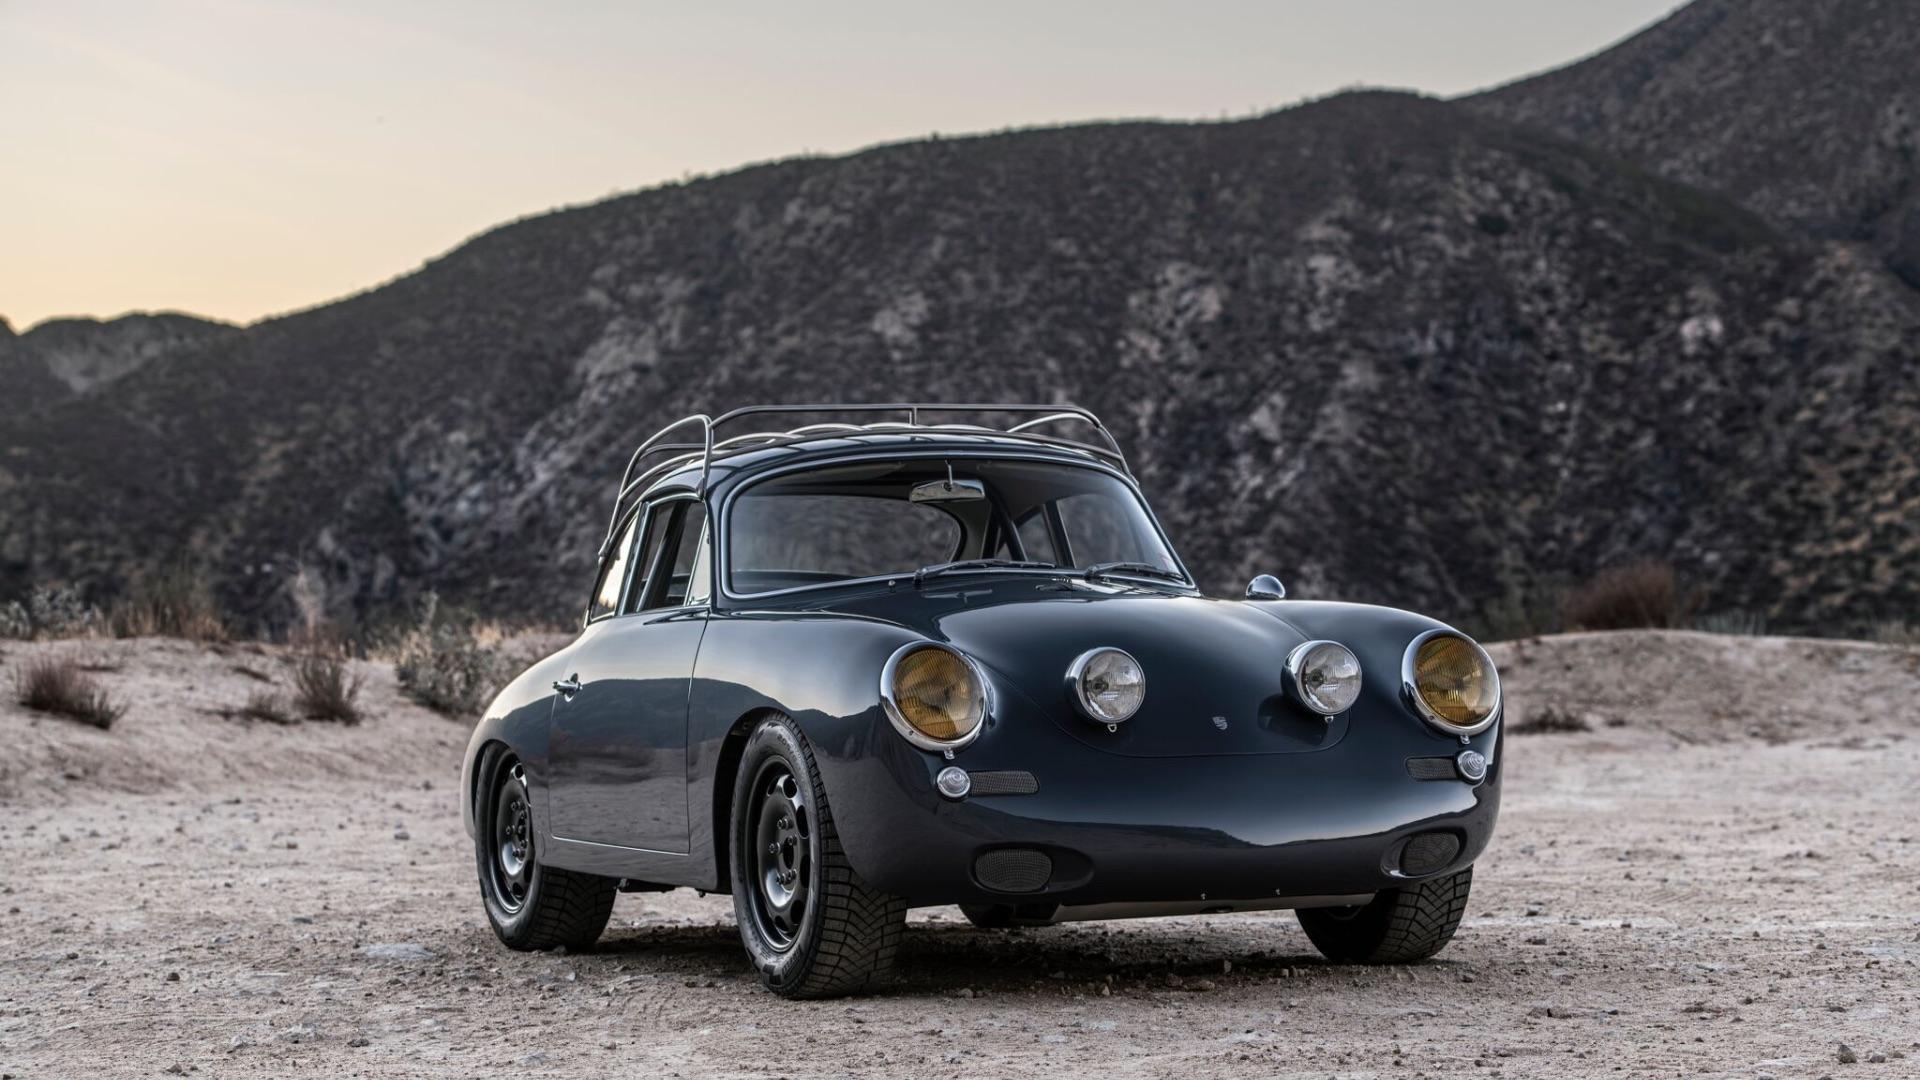 """First Ever All-Wheel Drive Porsche 356 """"C4S"""""""